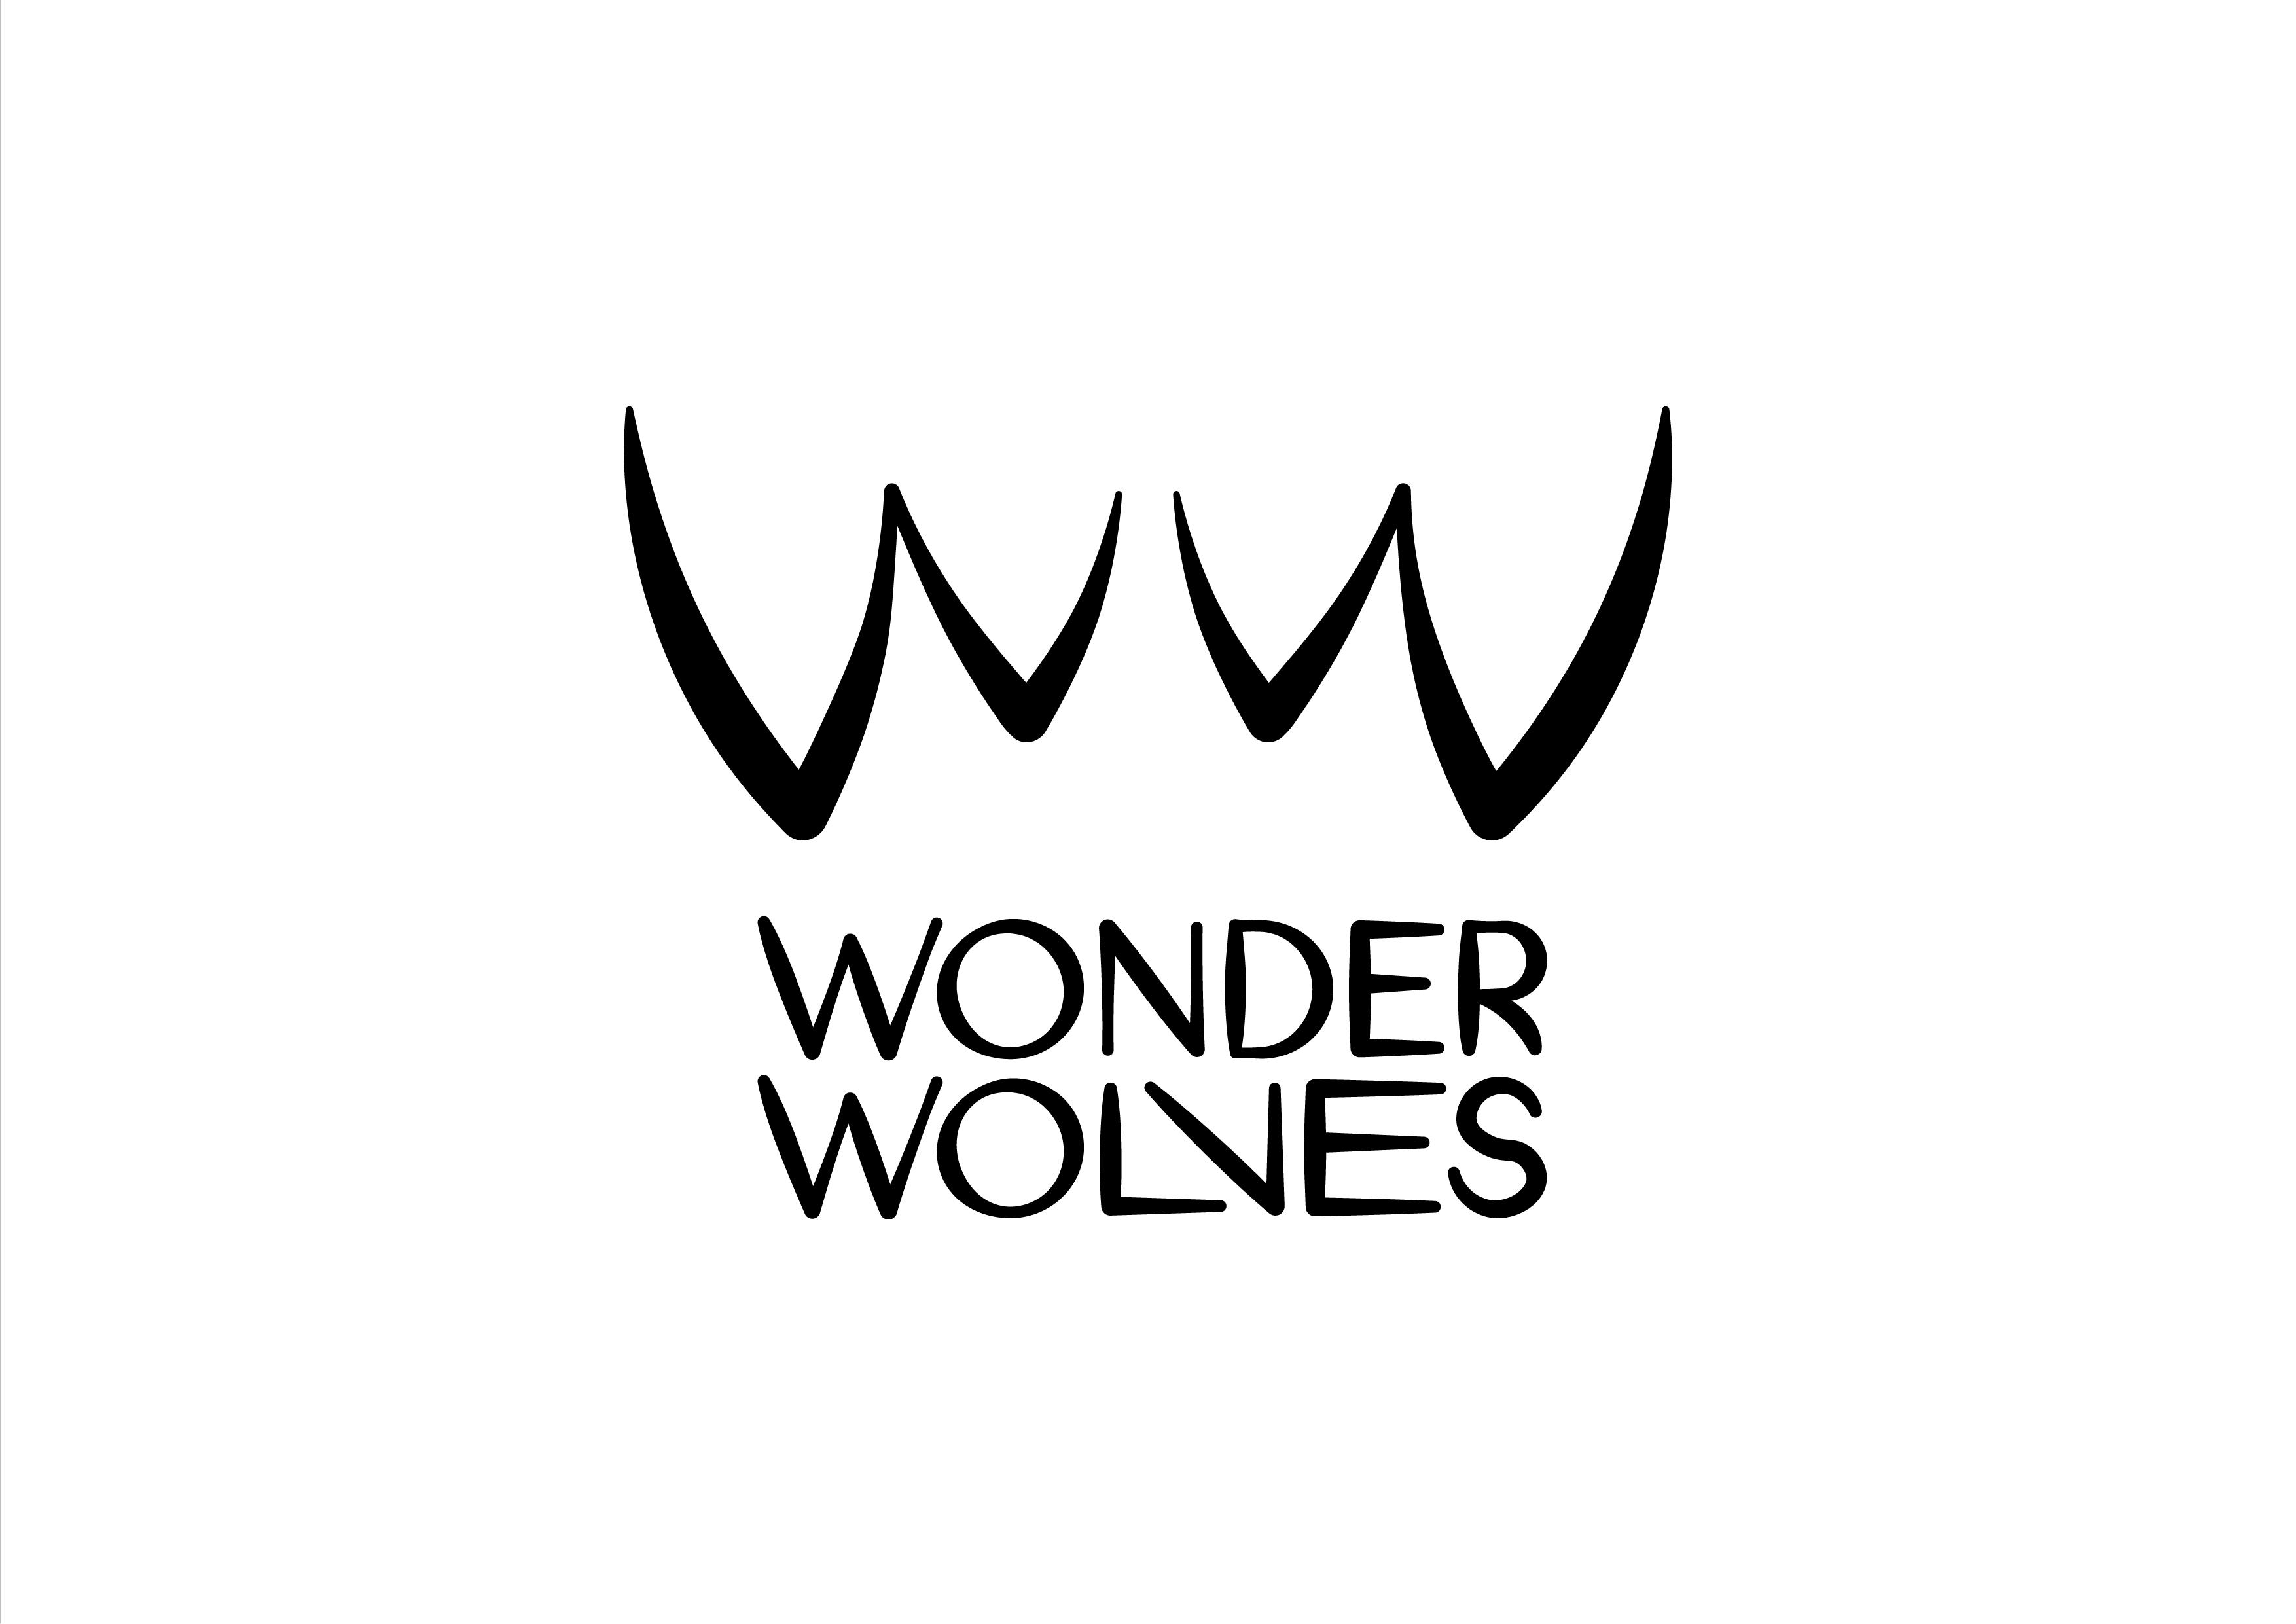 Ww logo 02